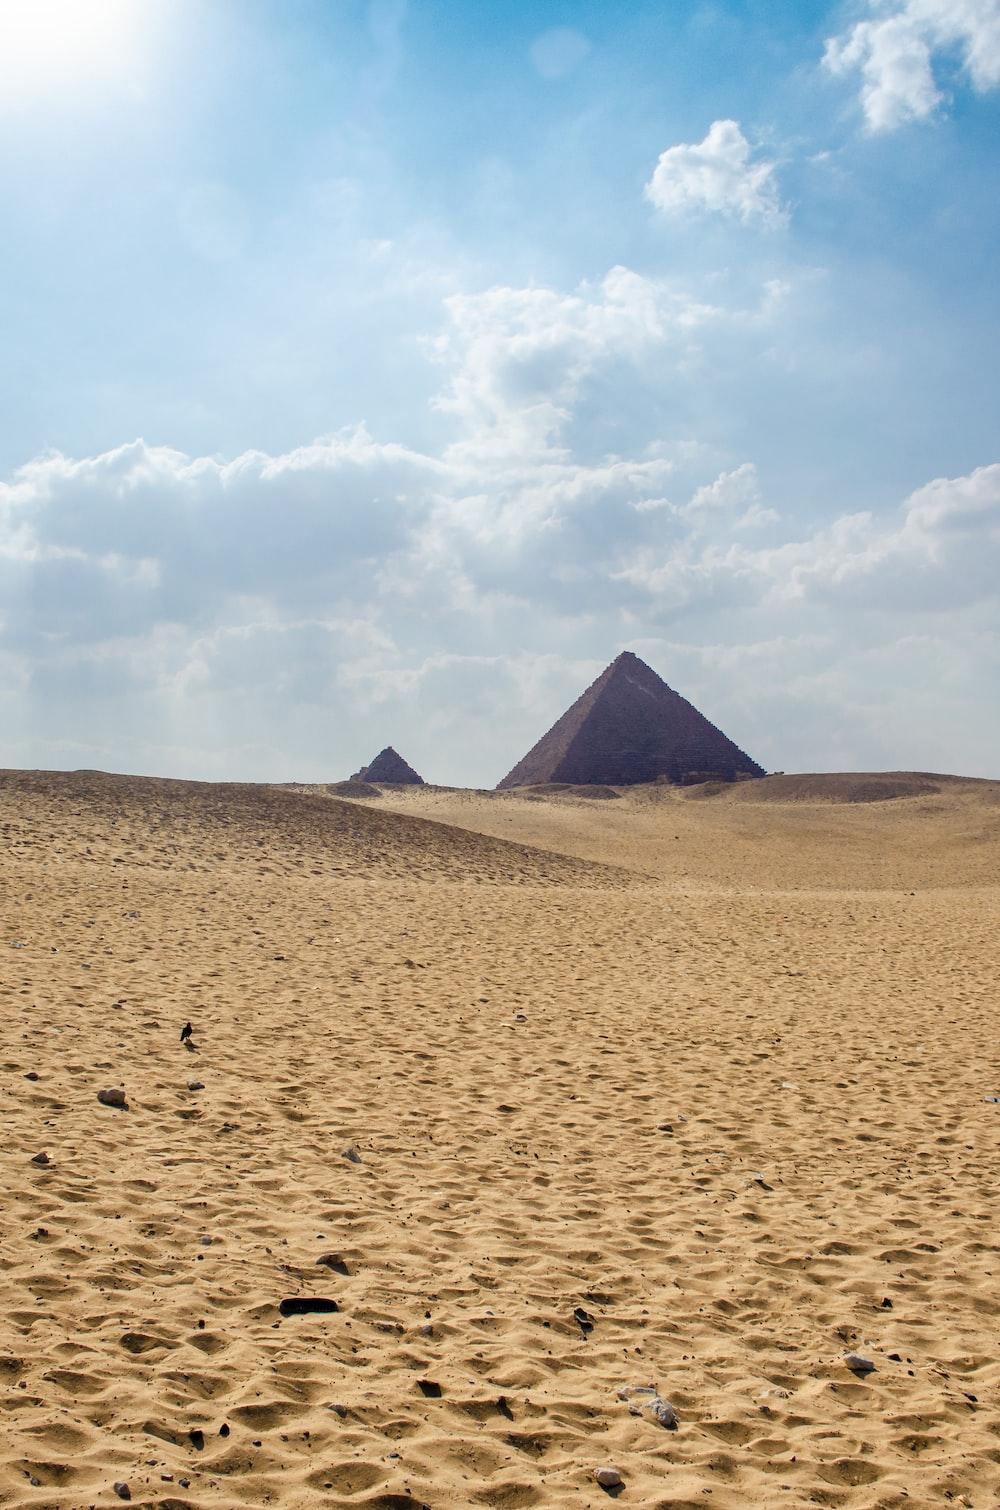 Pyramid of Giza, Egyot